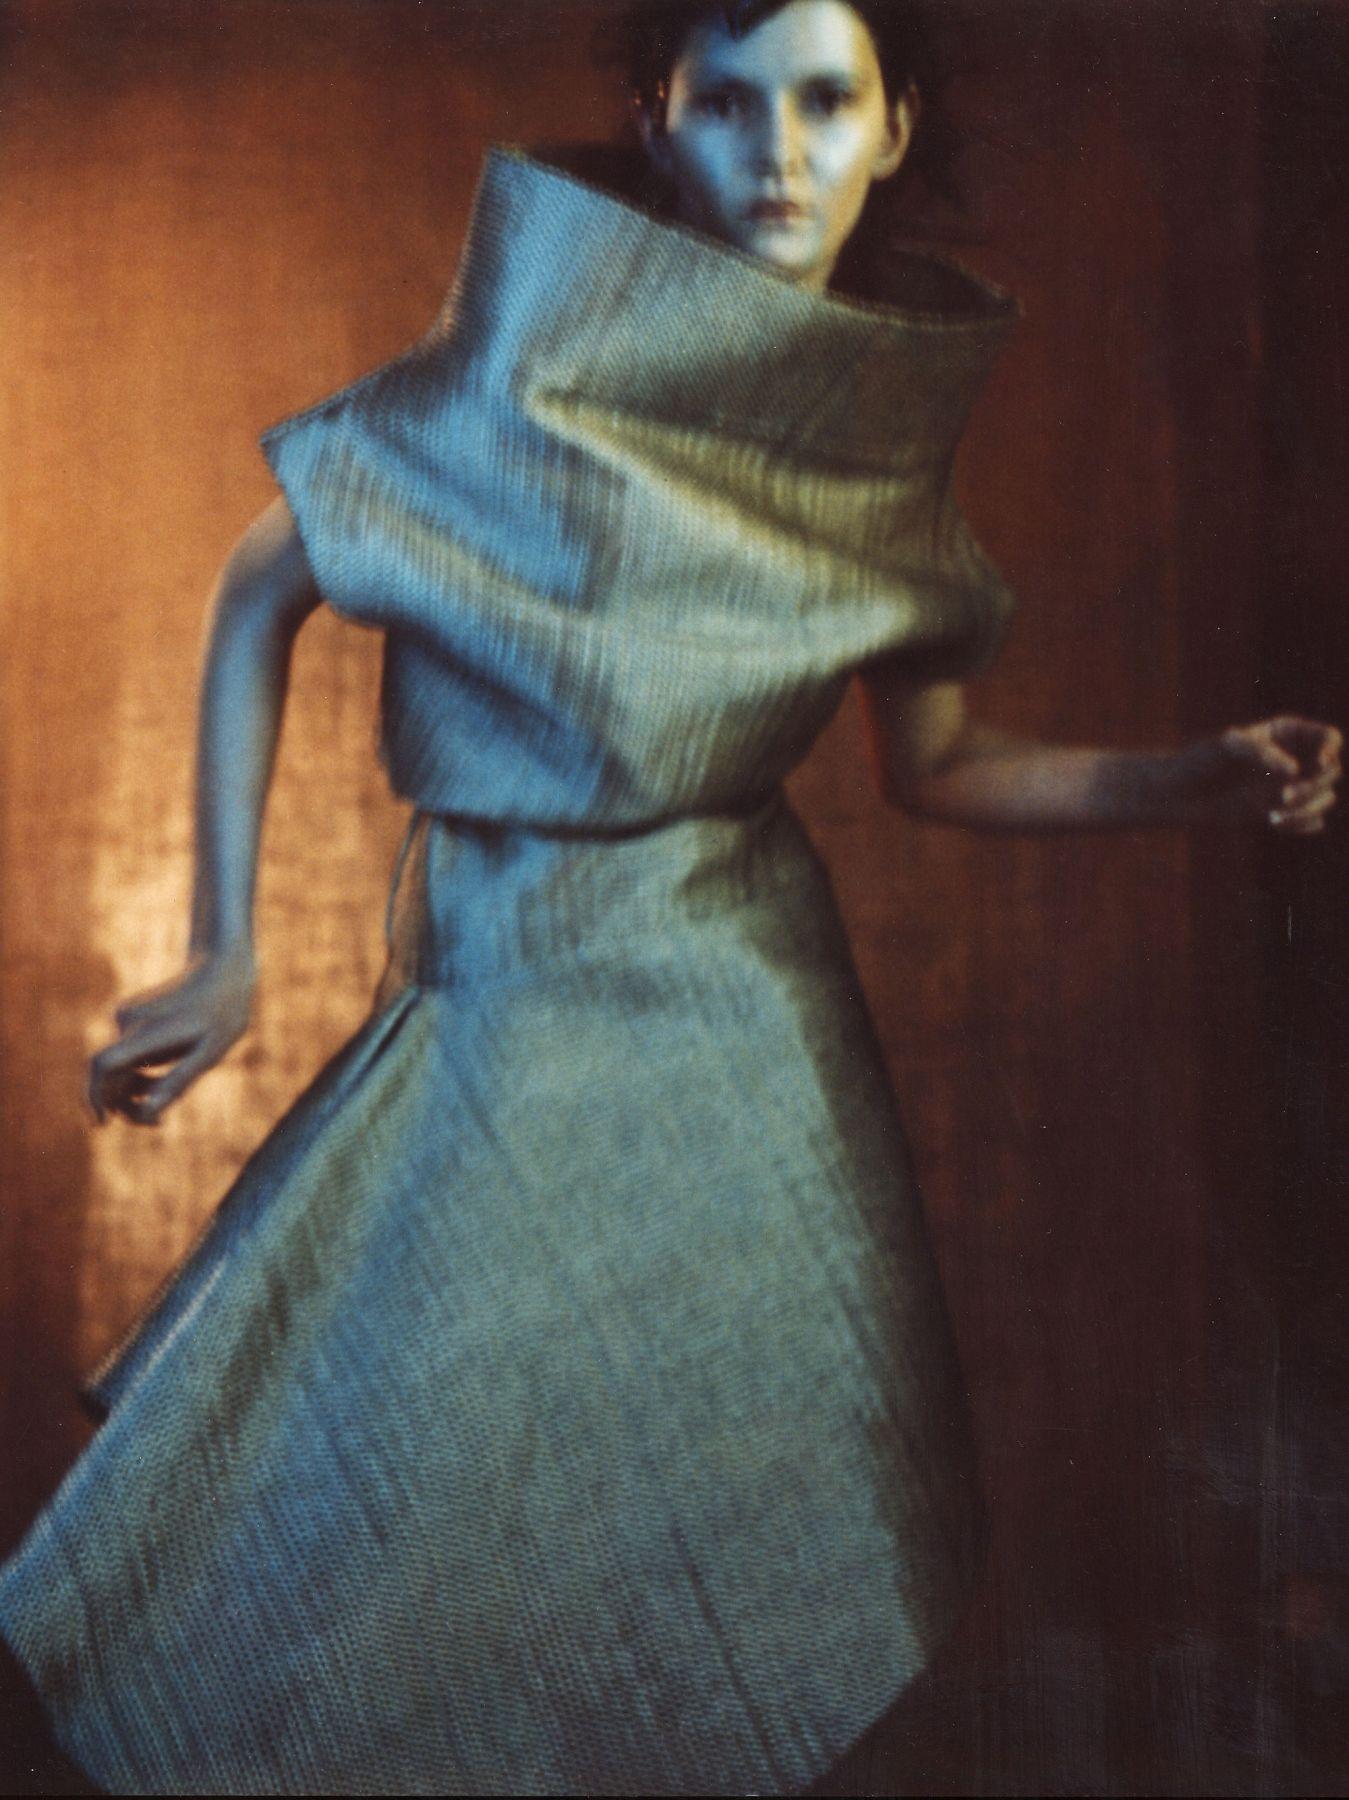 Patrick de Warren, Awoken Dream, Le Chic Parisian, 2000, Sous Les Etoiles Gallery